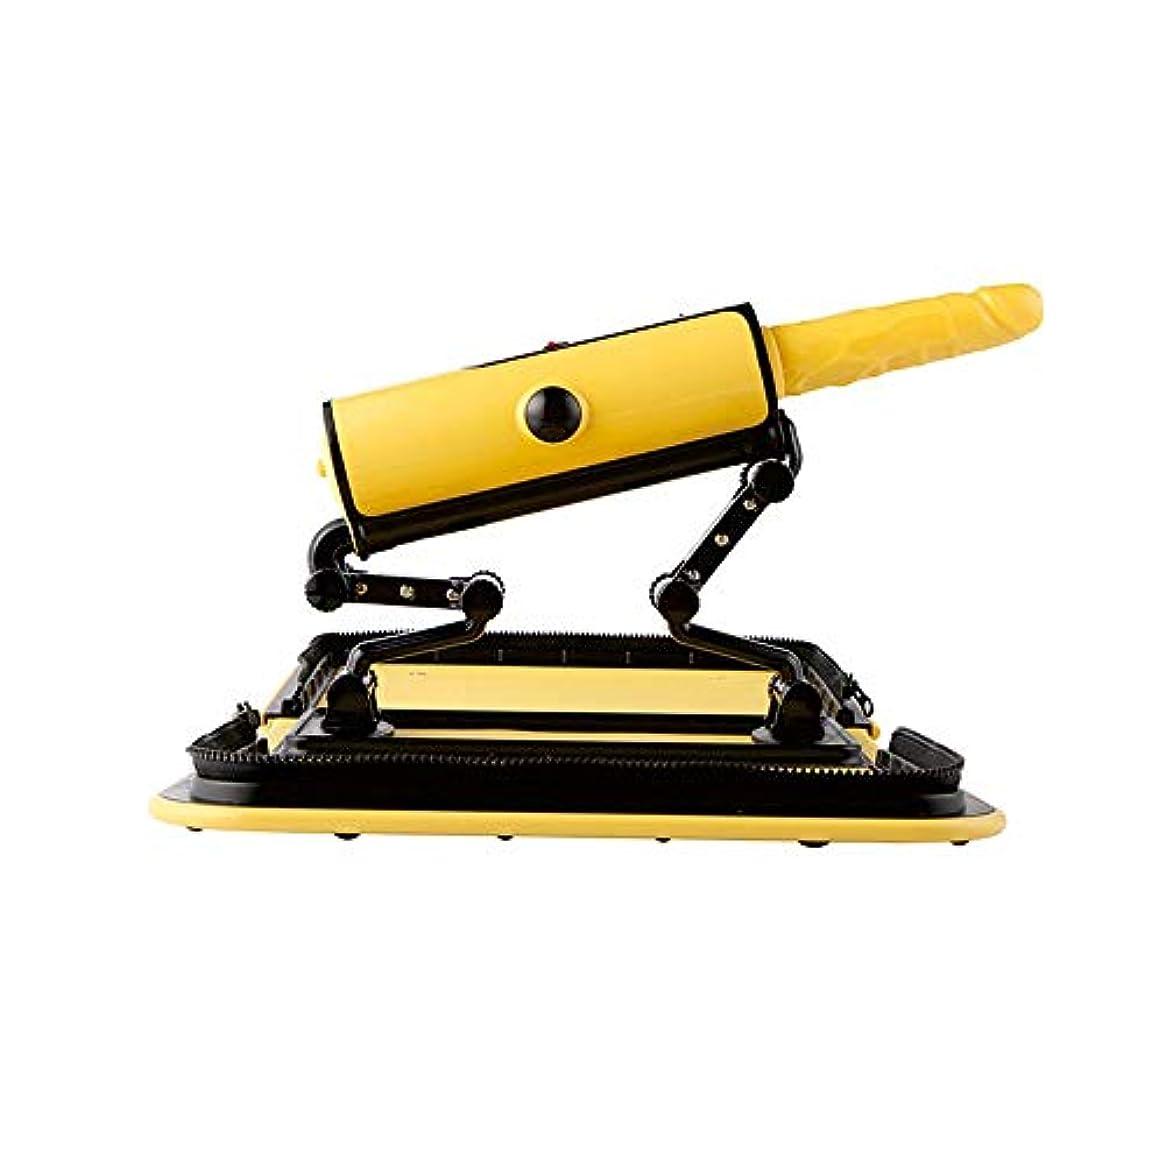 カードトライアスロンサージKGJJHYBGTOY 完璧なハーネスビジナルカップラブマシン玩具での自動機オナニー RELAX MASSAGE BODY